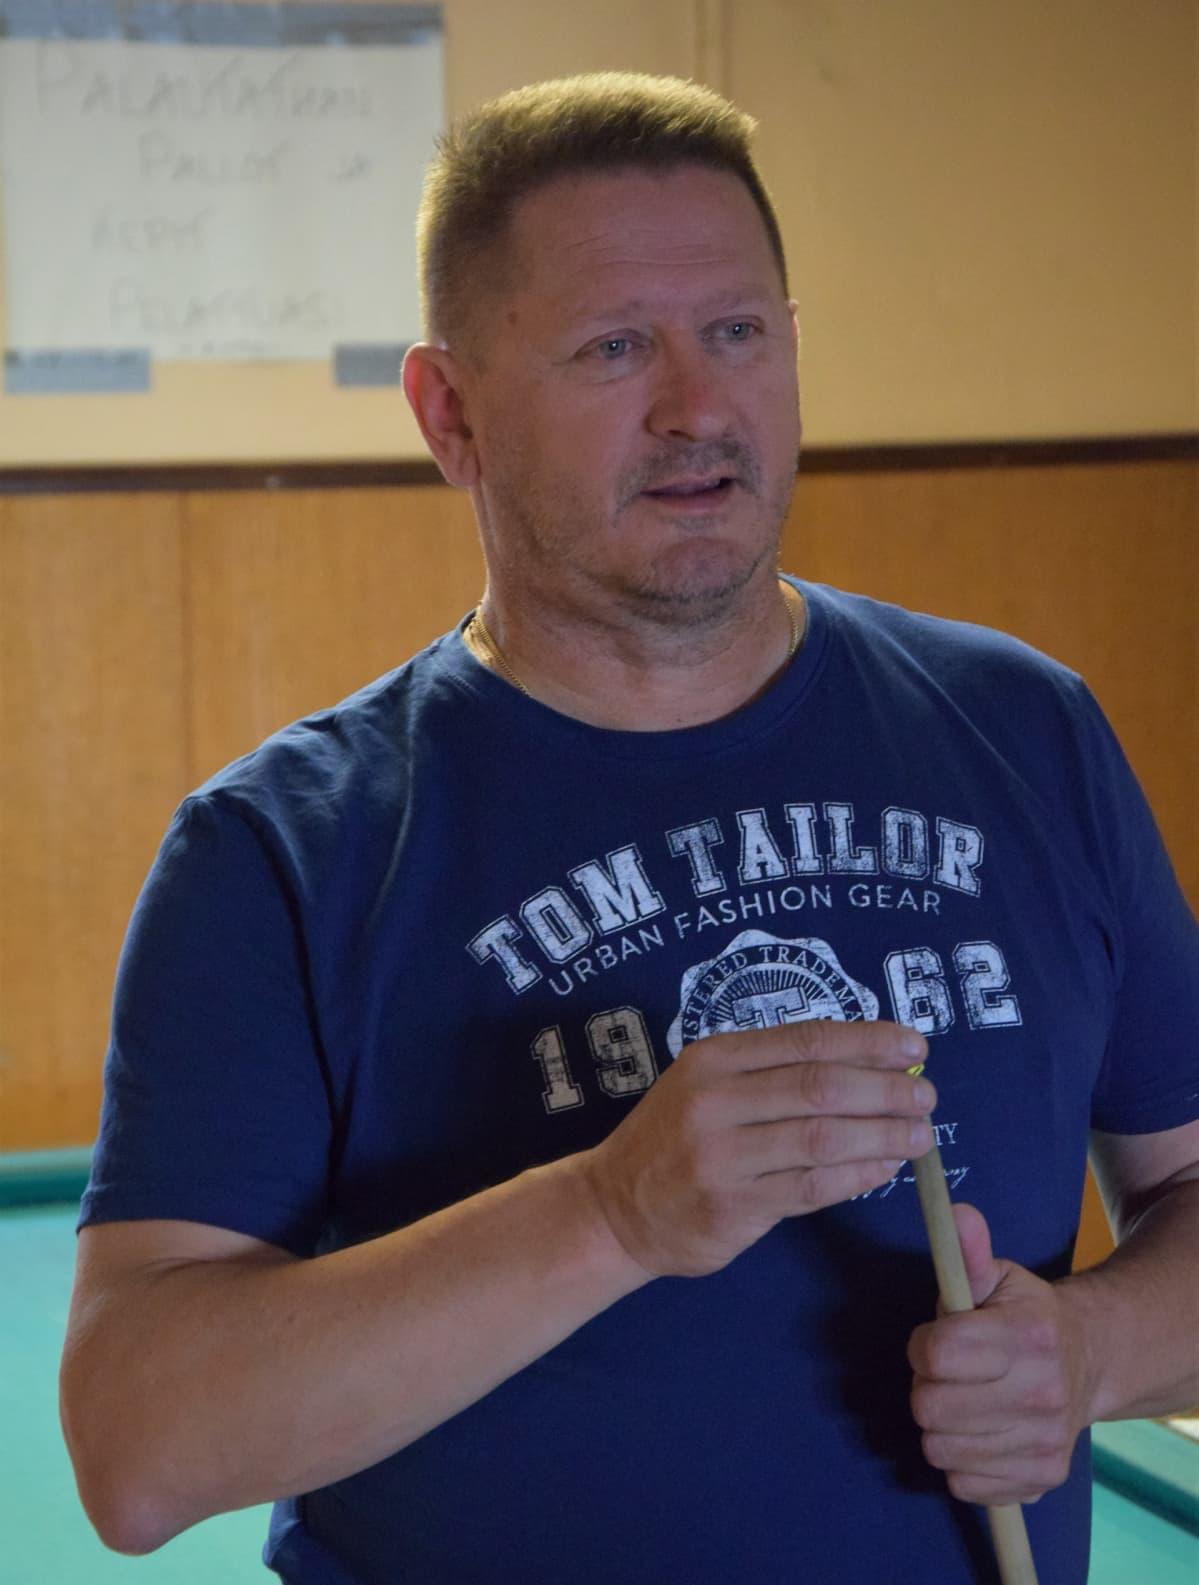 Ari Virtanen päätyi biljardipöydän äärestä tiskin taakse 21 vuotta sitten.